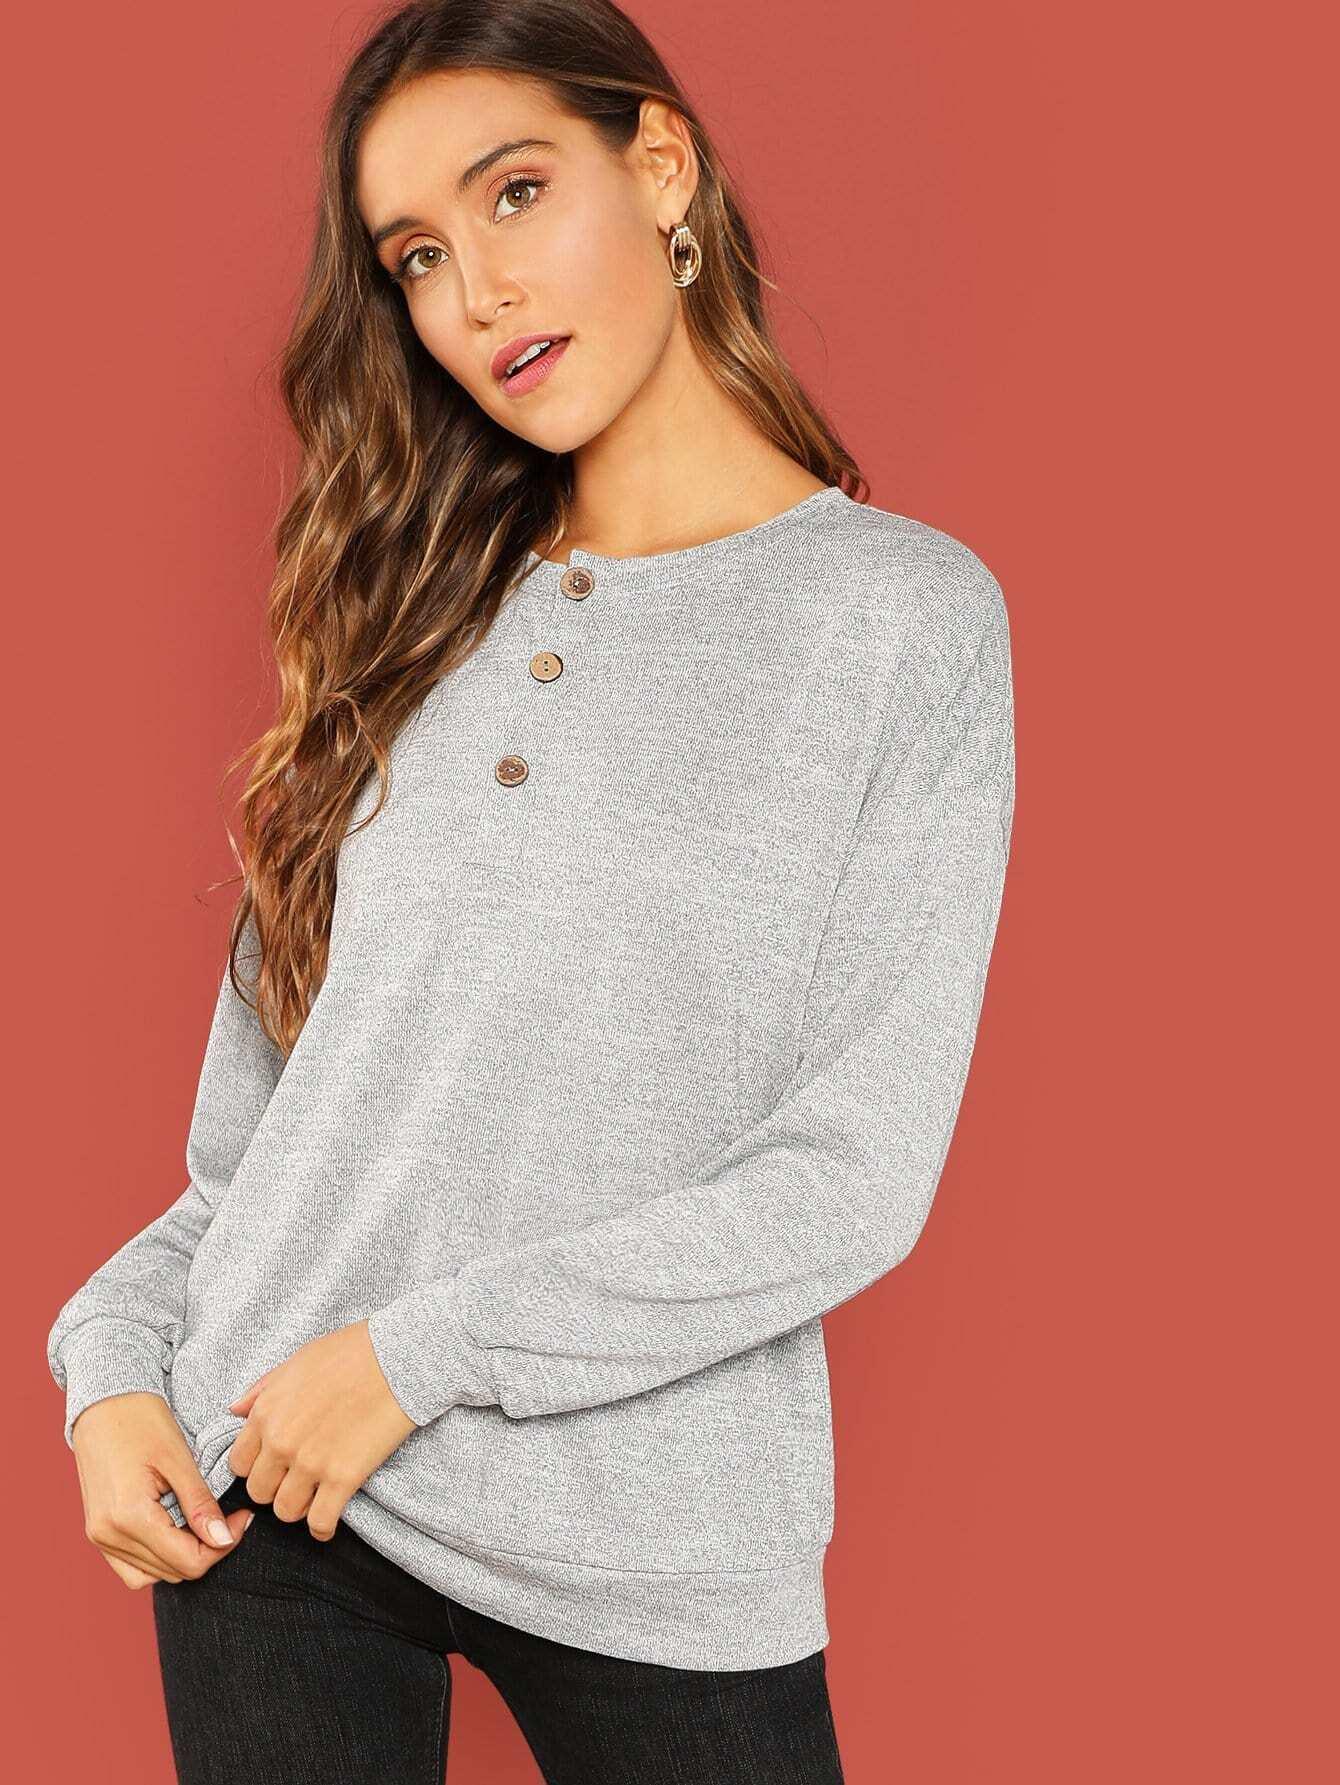 Твердый пуловер на пуговицах, Anna Herrin, SheIn  - купить со скидкой